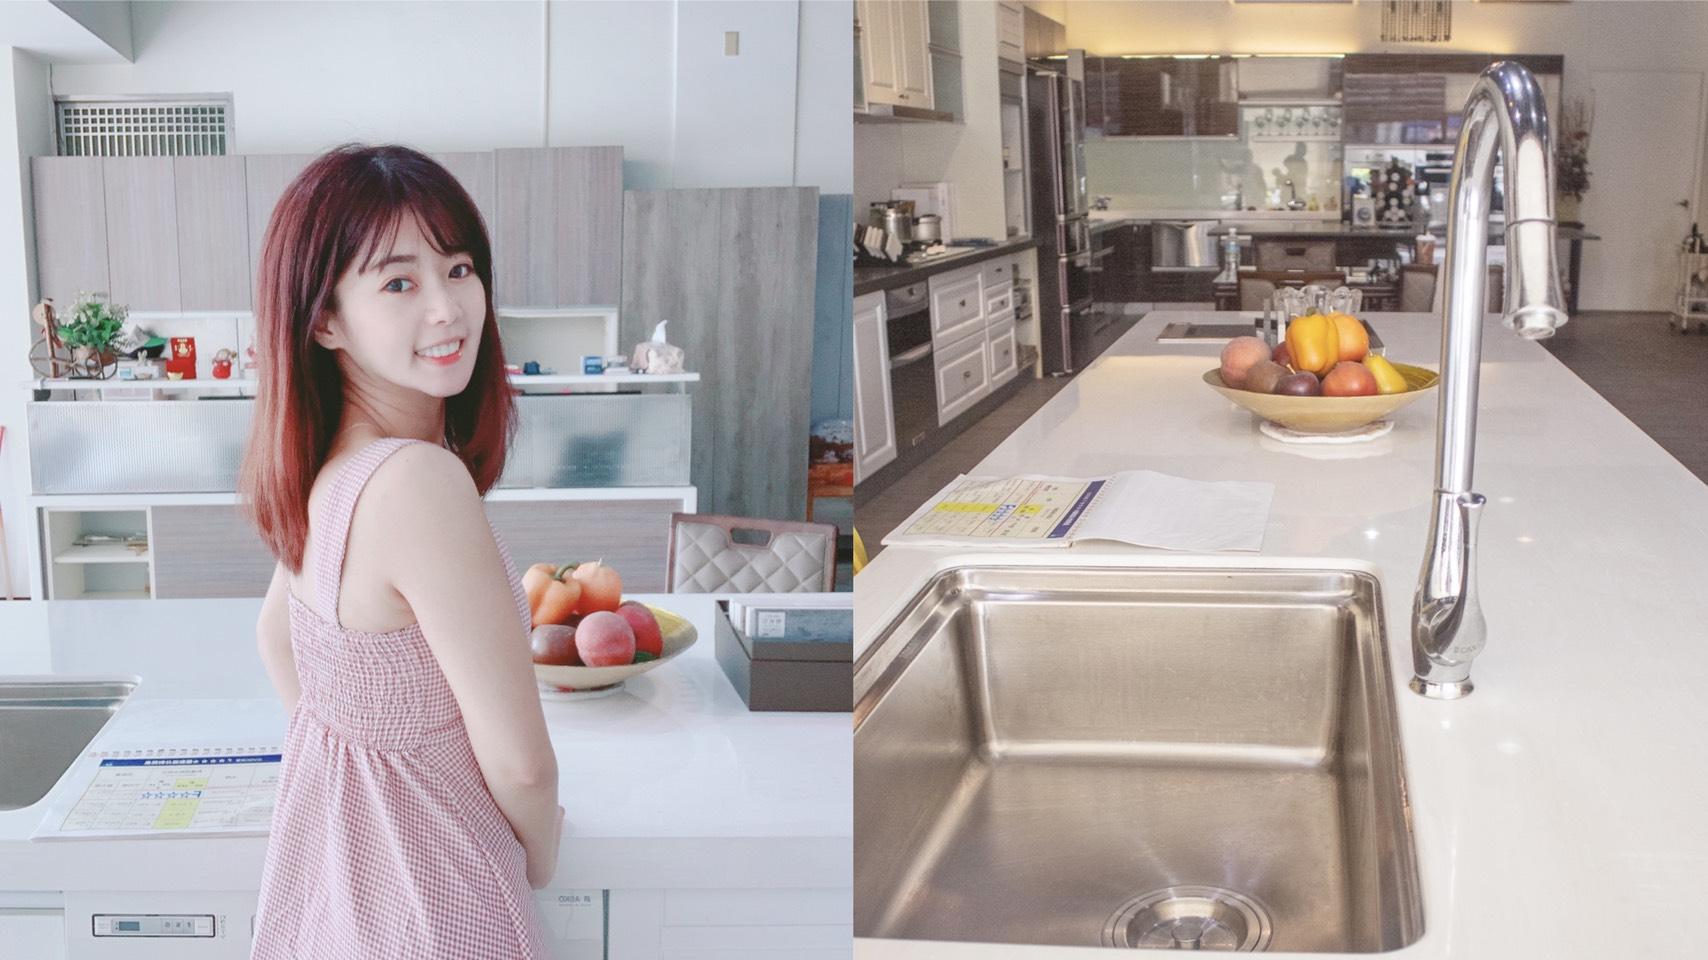 新竹廚具推薦-Panasonic系統廚具,超完善一次到位的廚房收納系統客製規劃!竹松國際有限公司、新竹廚具行、廚具工廠、新竹廚具門市。